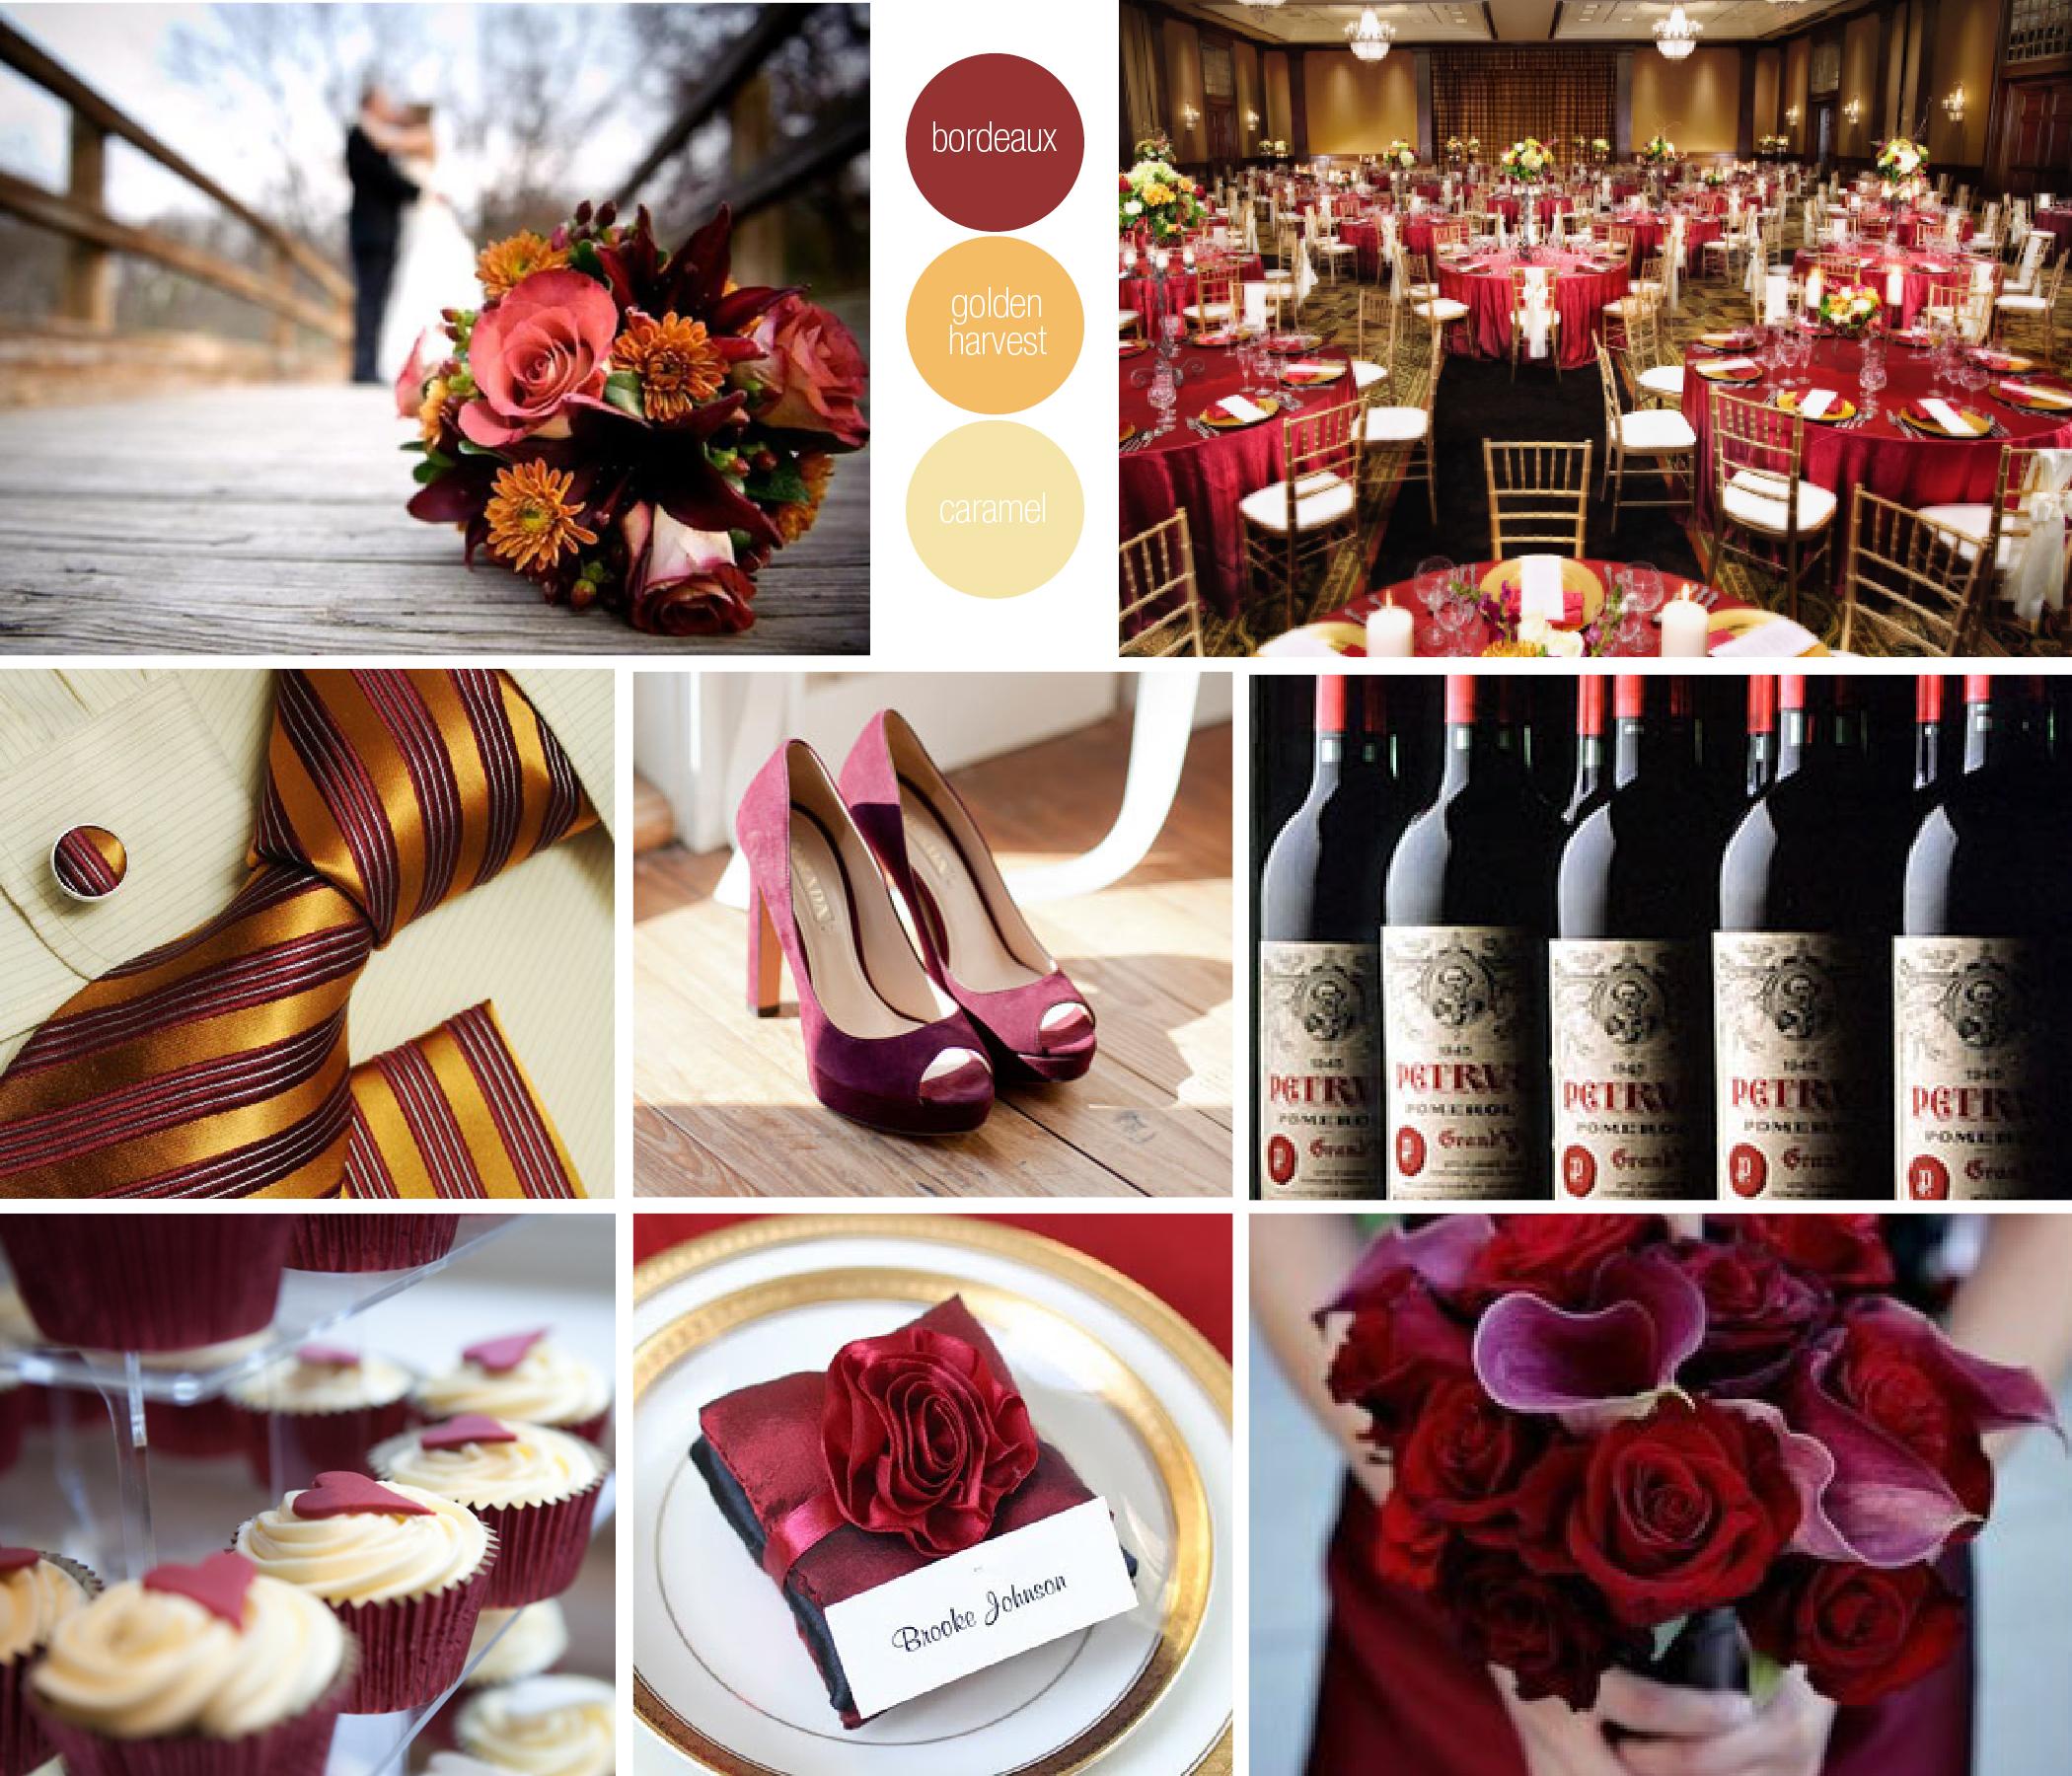 Matrimonio In Bordeaux : Matrimonio color burdeo